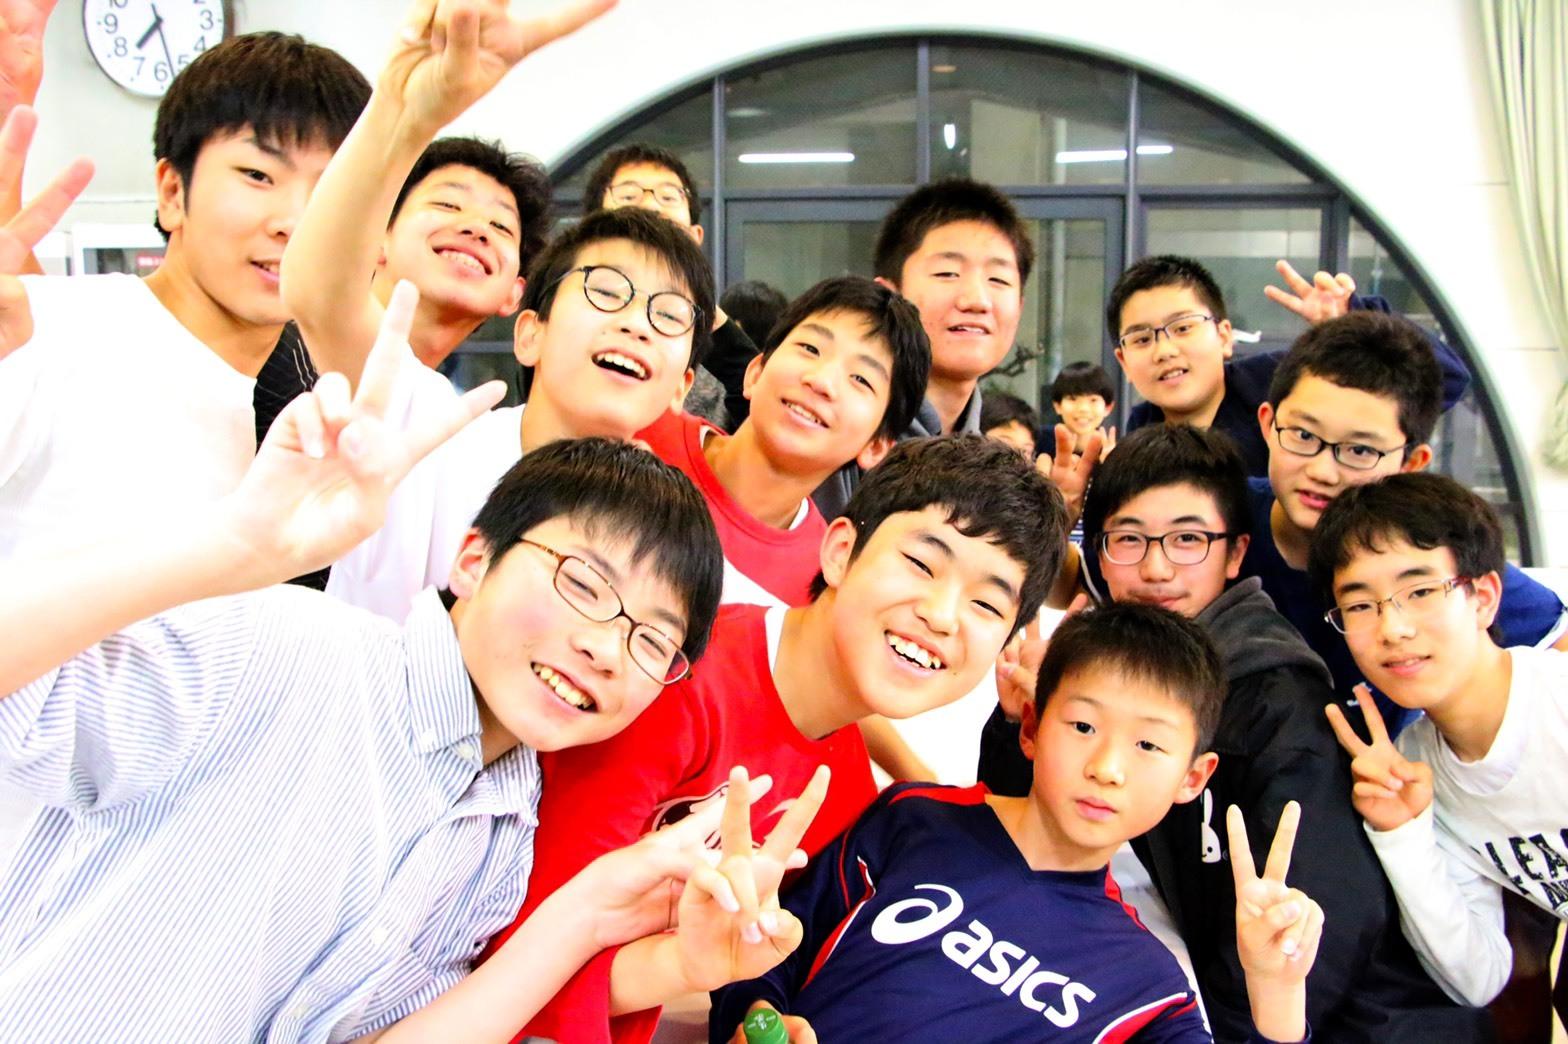 『世界を舞台に活躍できるリーダー』の育成を目指す【西大和学園中学校・高等学校】